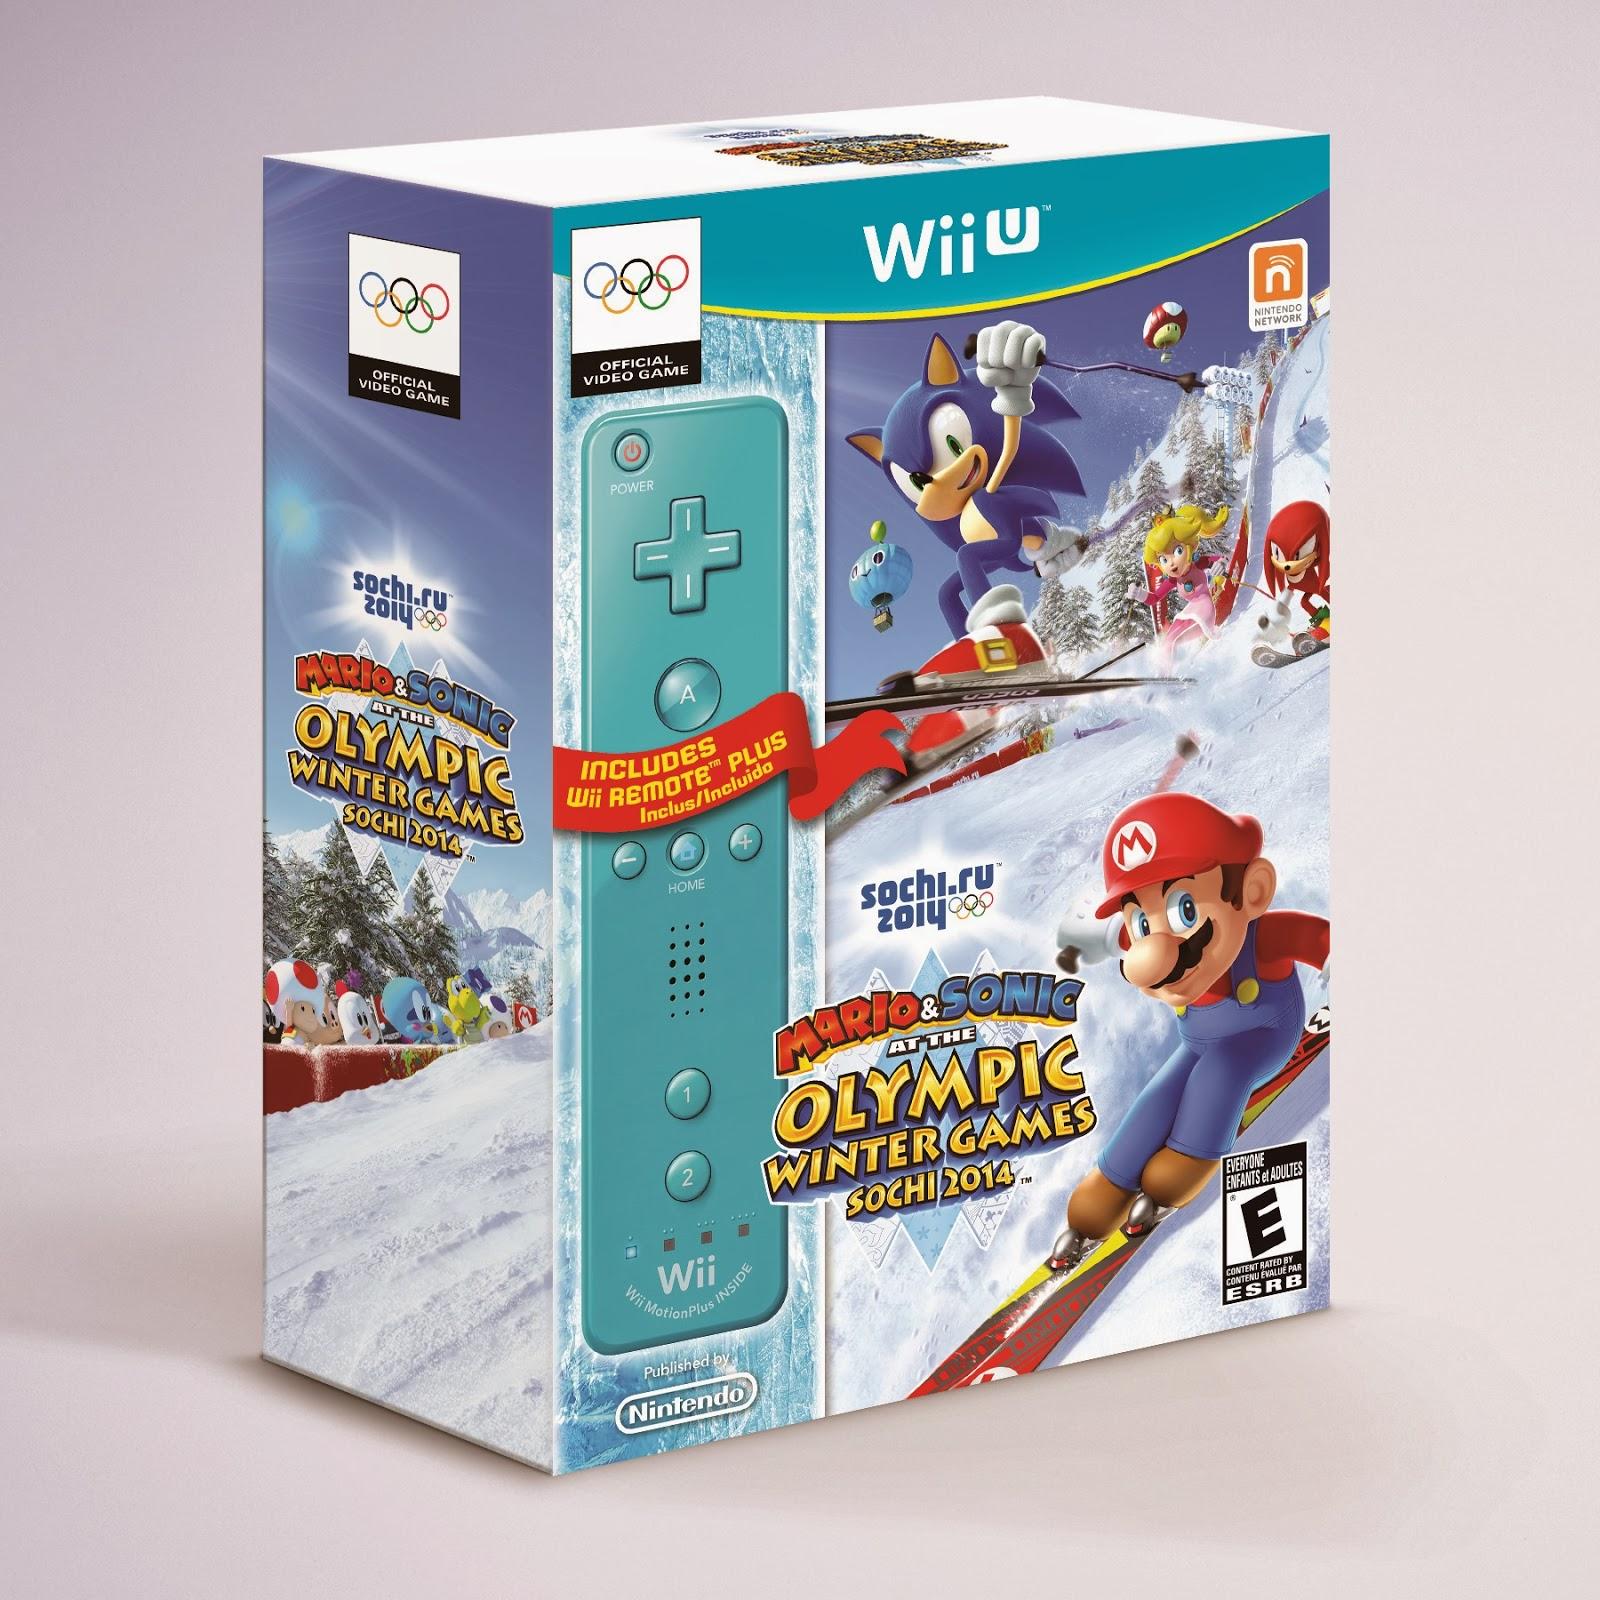 Mario Wii U Games